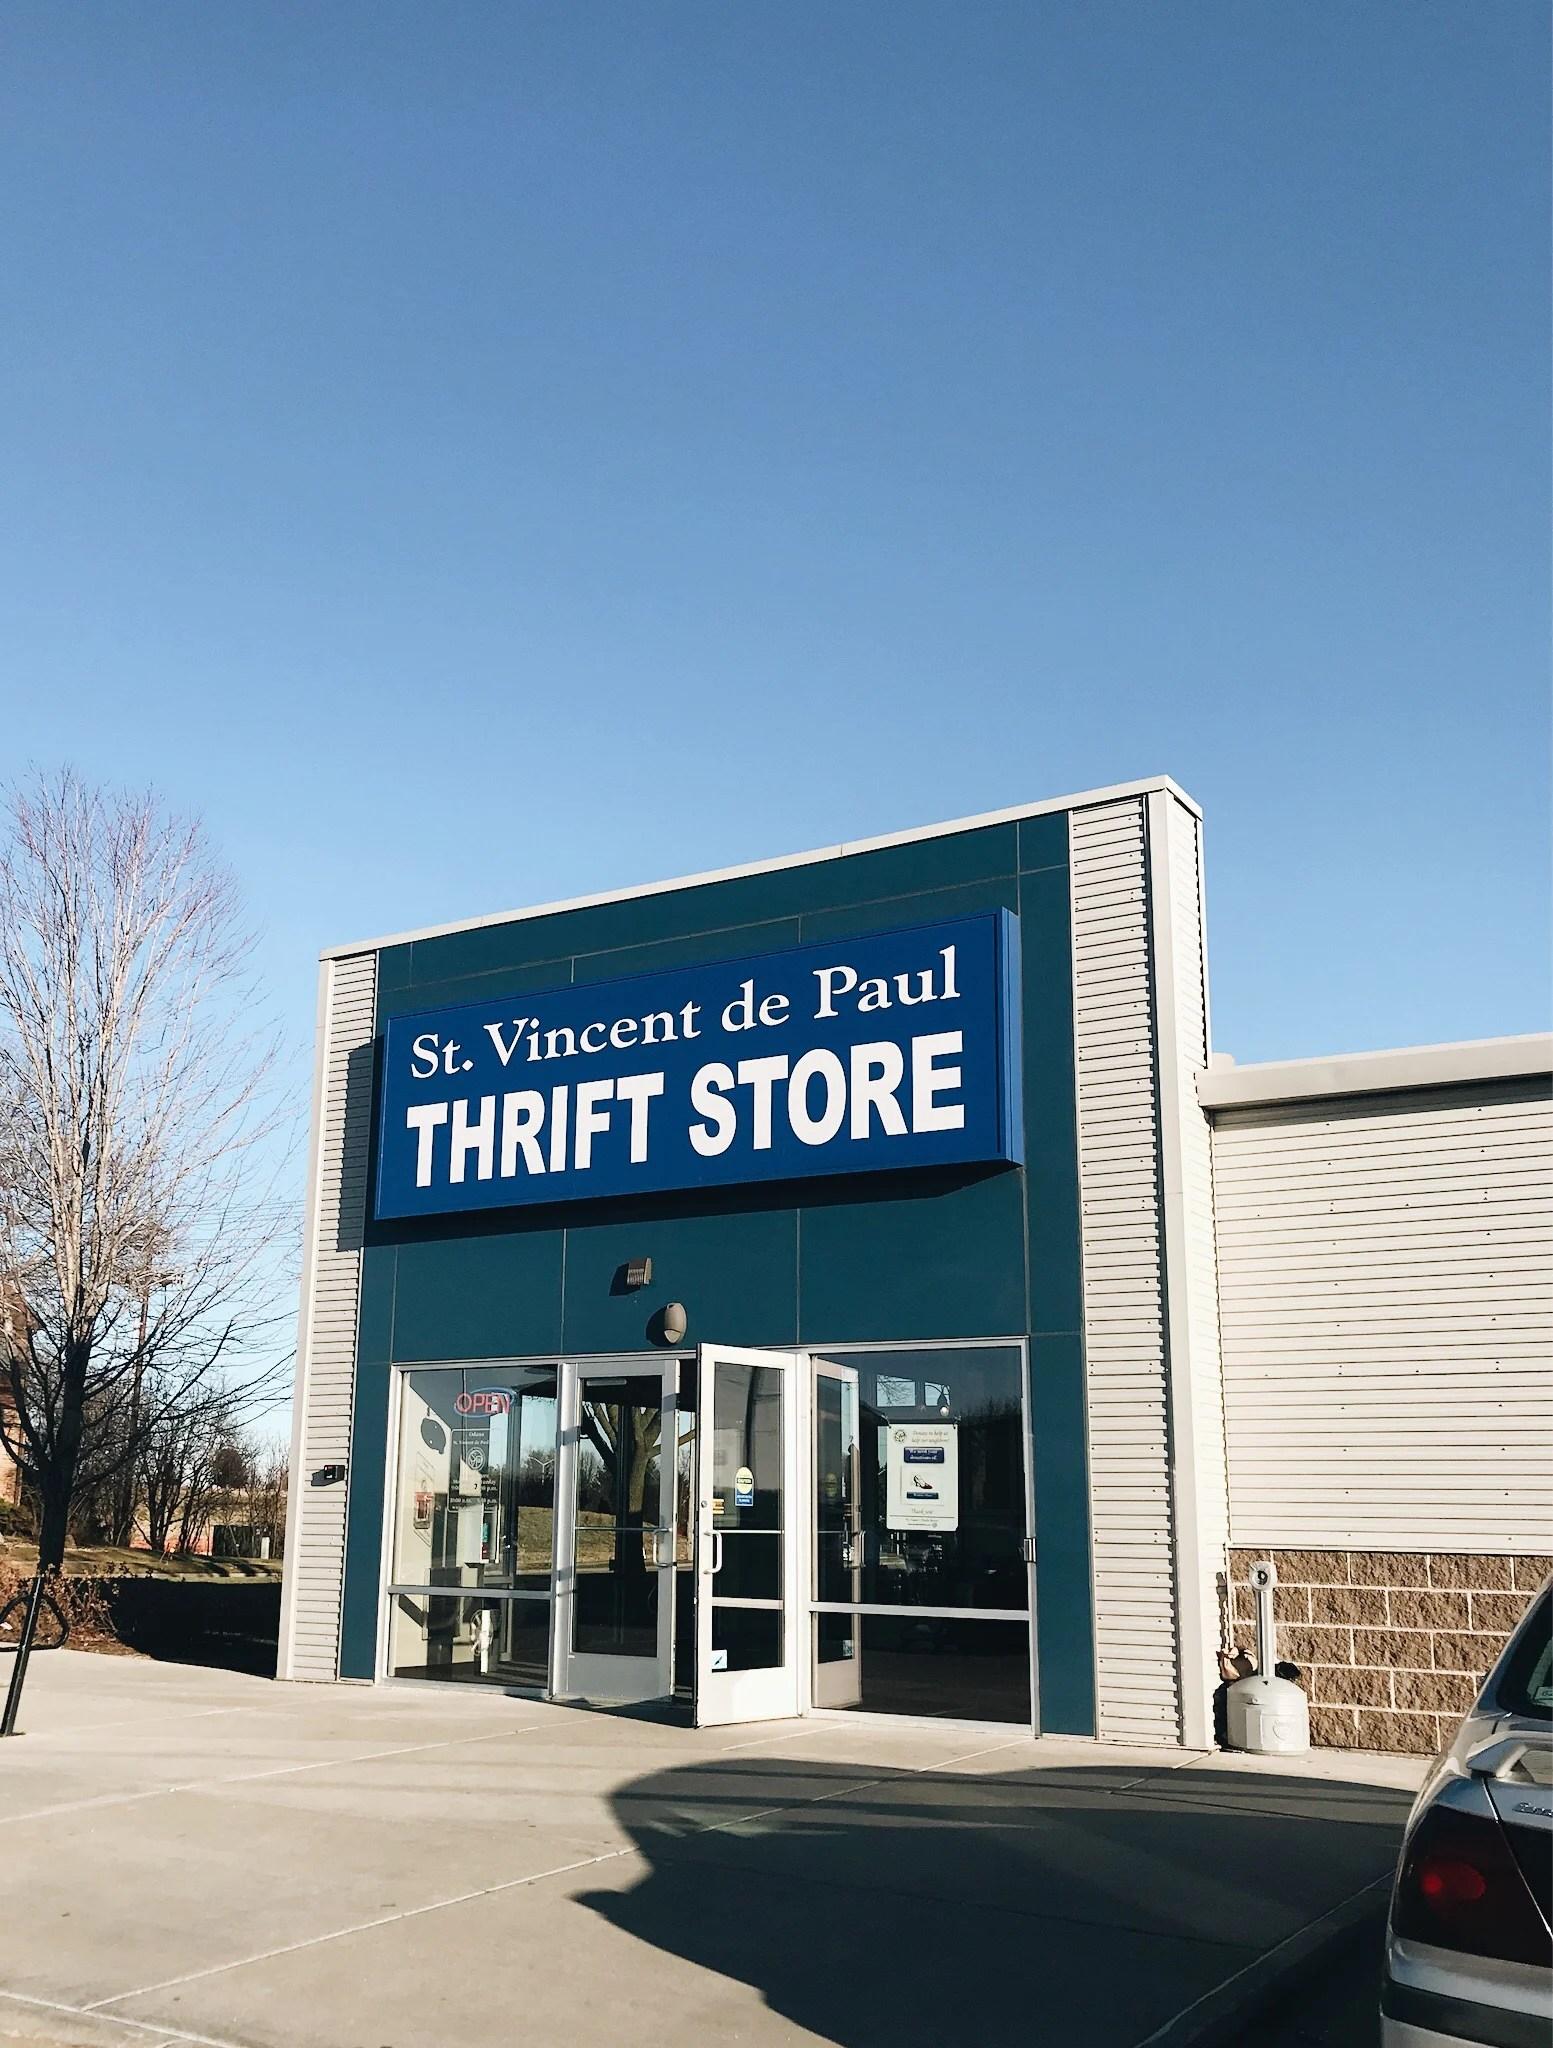 st vincent de paul madison wi thrift store